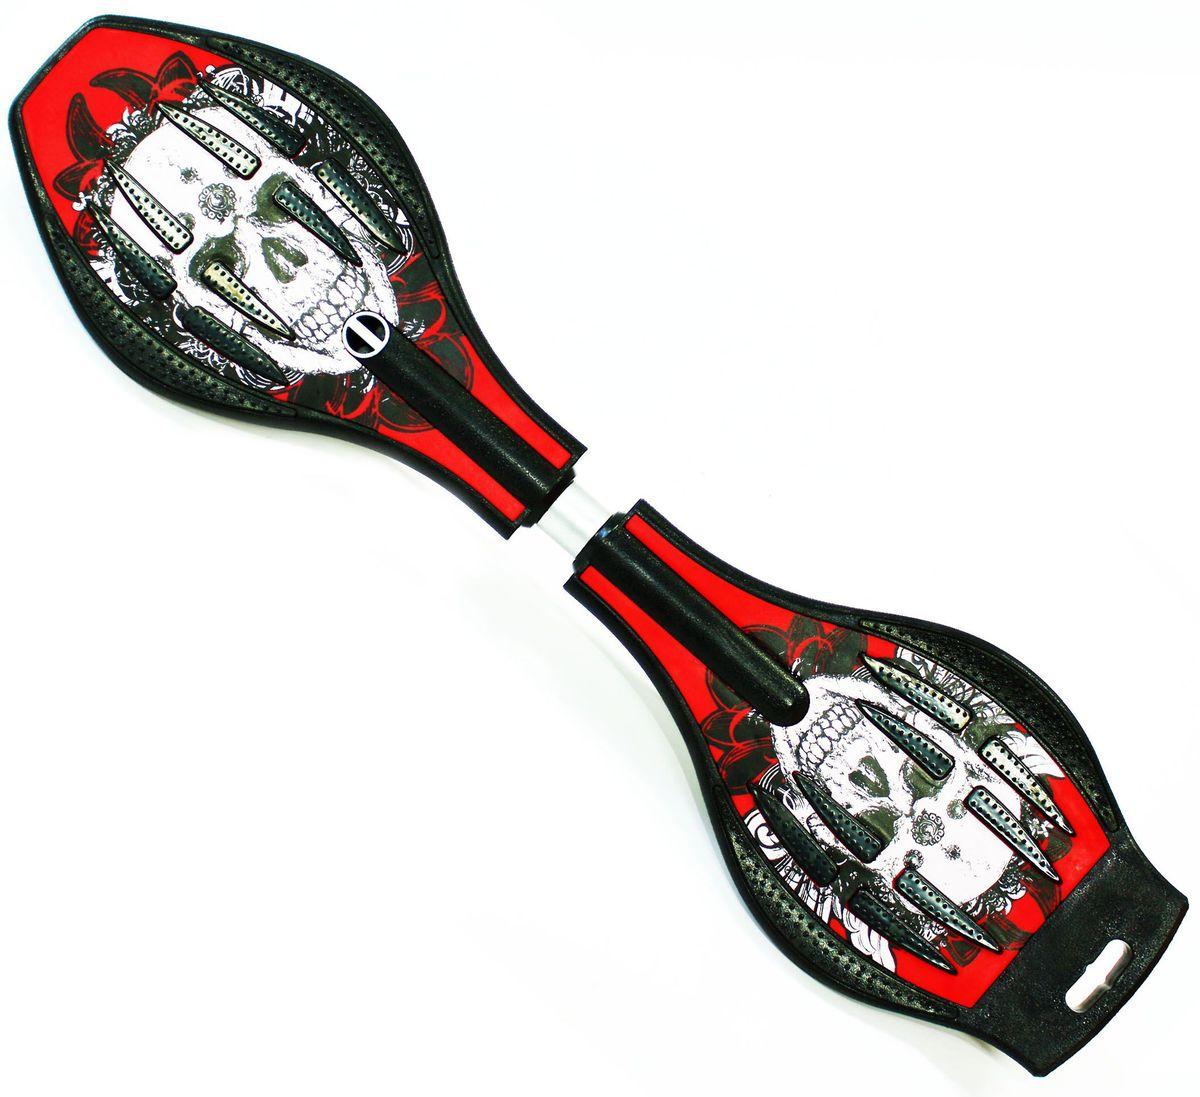 Роллерсерф Dragon Board Calavera, цвет: красный, черныйво2229Роллерсерф Dragon Board Calavera - это уникальный скейтборд на двух колесах. Полиуретановые колеса на высокоскоростных подшипниках позволяют быстро разогнаться и катиться долгое время без остановок. Подшипники крутятся легко и без усилий. Колеса скейтборда выполнены из прочного полиуретана и вращаются на 360°. Легкая и прочная пластиковая платформа со специальным противоскользящим покрытием состоит из двух частей, прочно соединенных стальной торсионной пружиной. Роллерсерф предусмотрен для пользователей в возрасте от 5 лет и рассчитан на вес до 70 кг. Быстрый и маневренный роллерсерф Waveboard - это желаемый подарок для каждого ребенка.